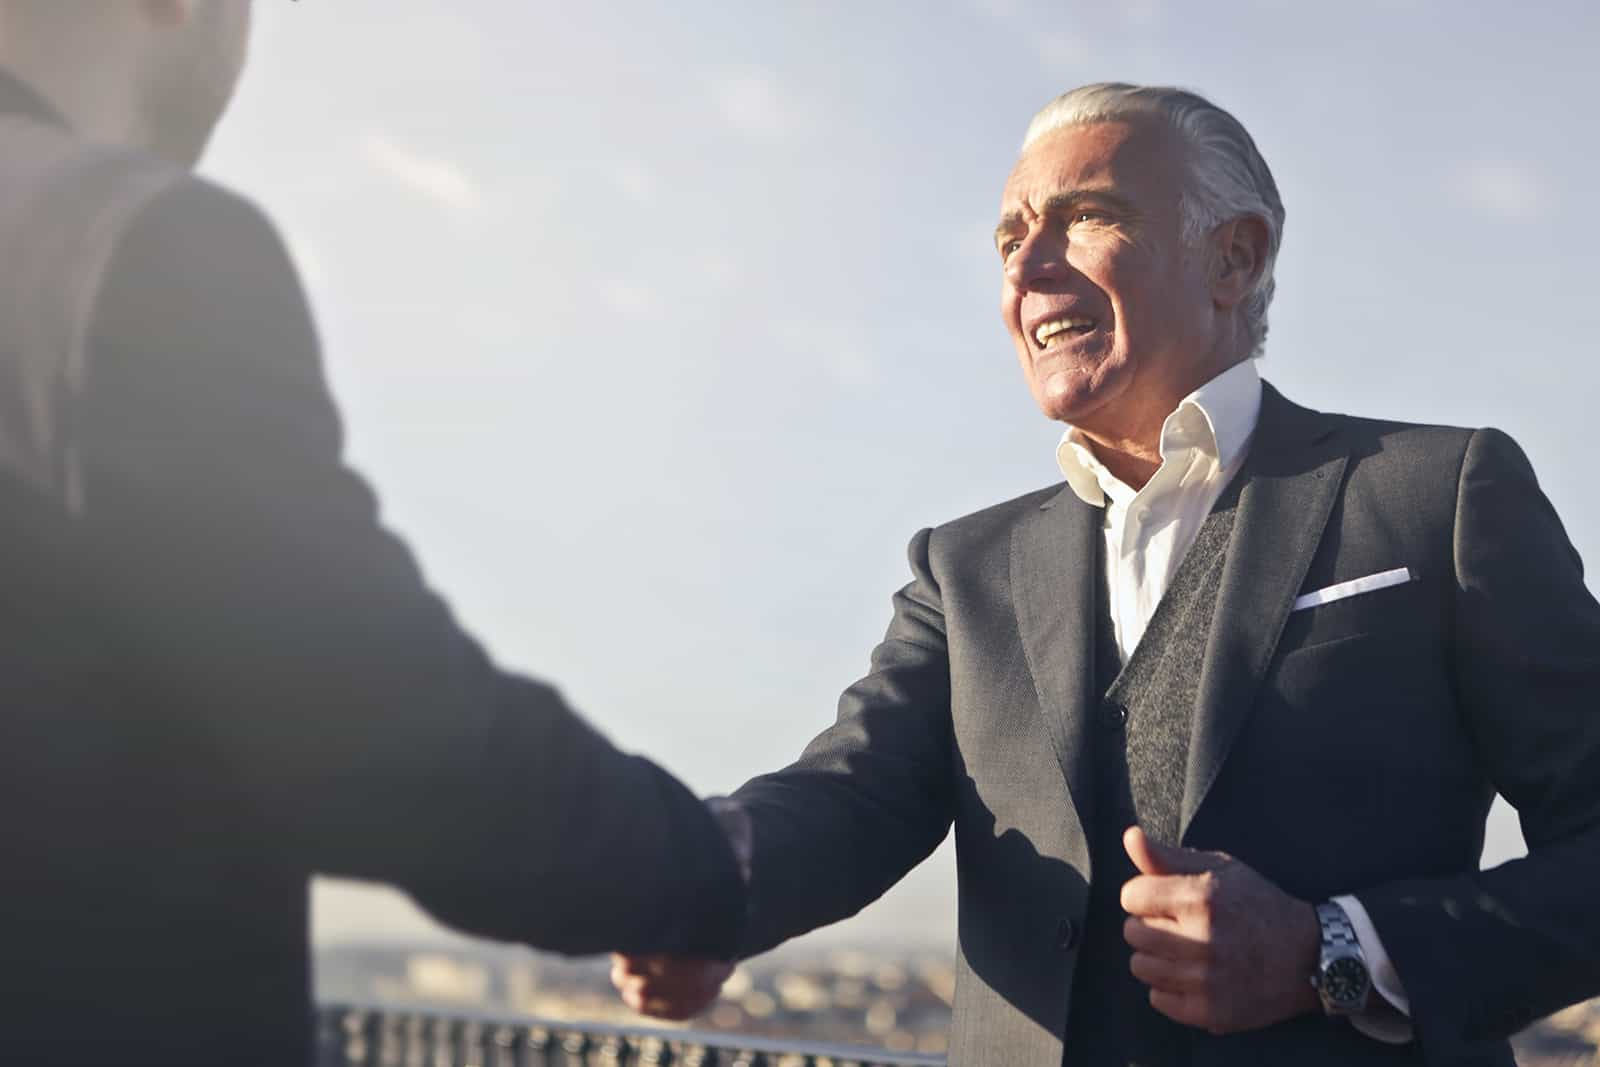 ein älterer Geschäftsmann, der einem Mann die Hände schüttelt, während er draußen steht